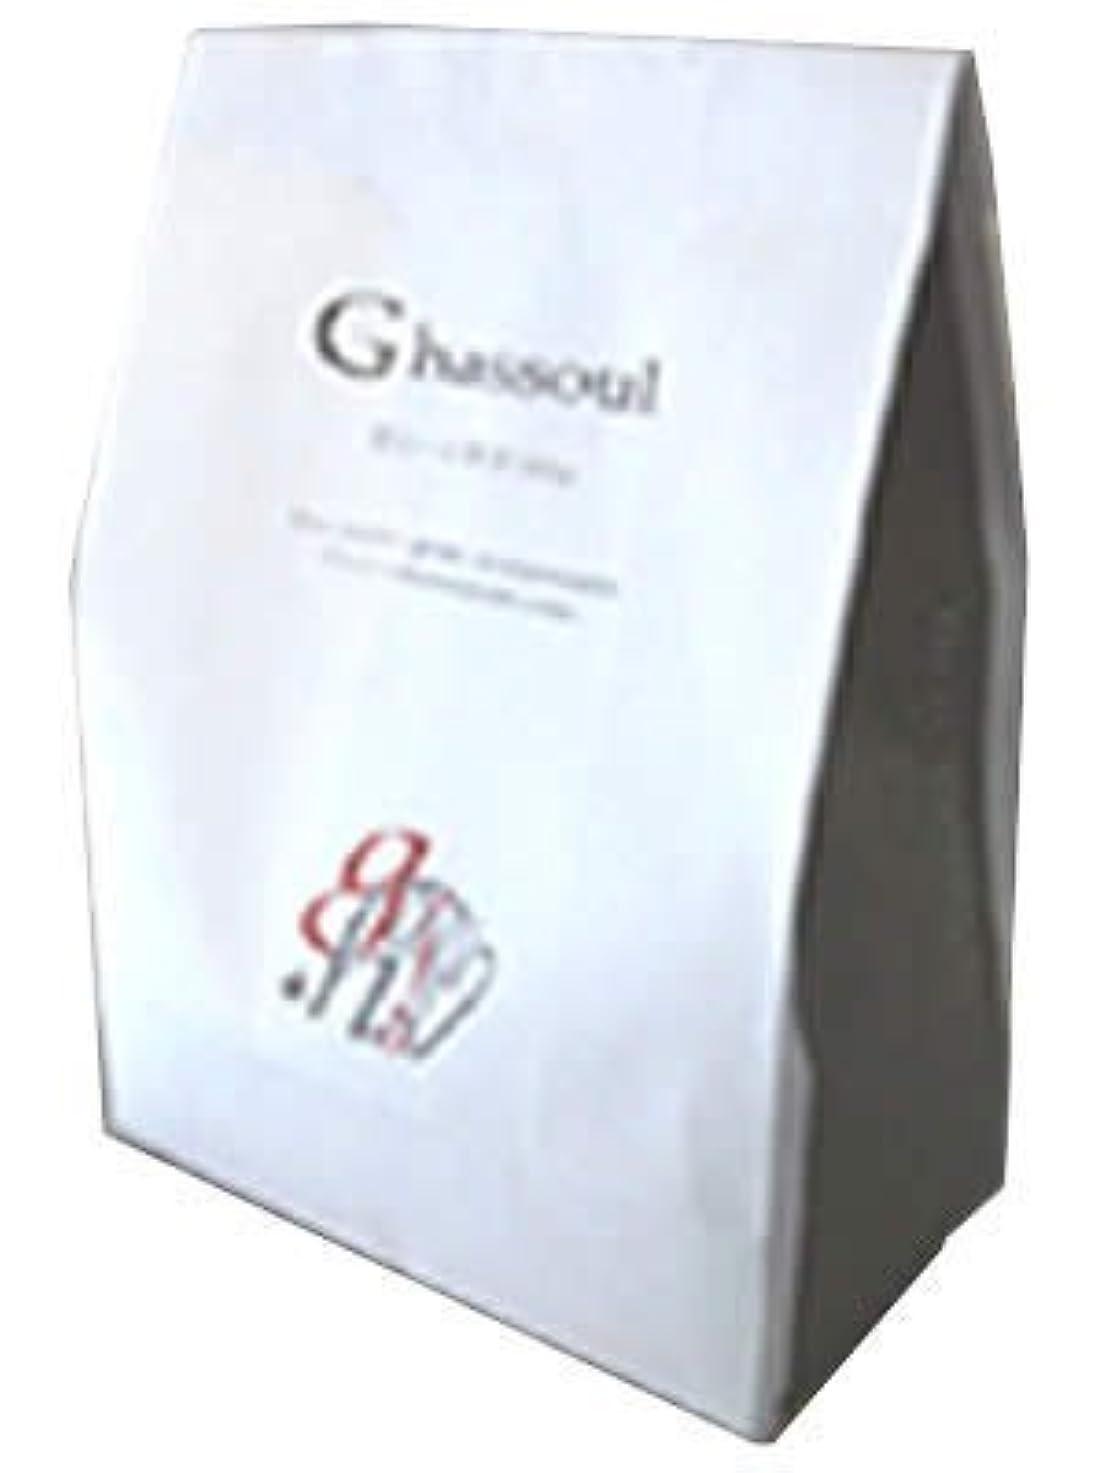 るプラカード脊椎ナイアード ガスール固形(タブレット)タイプ 500g